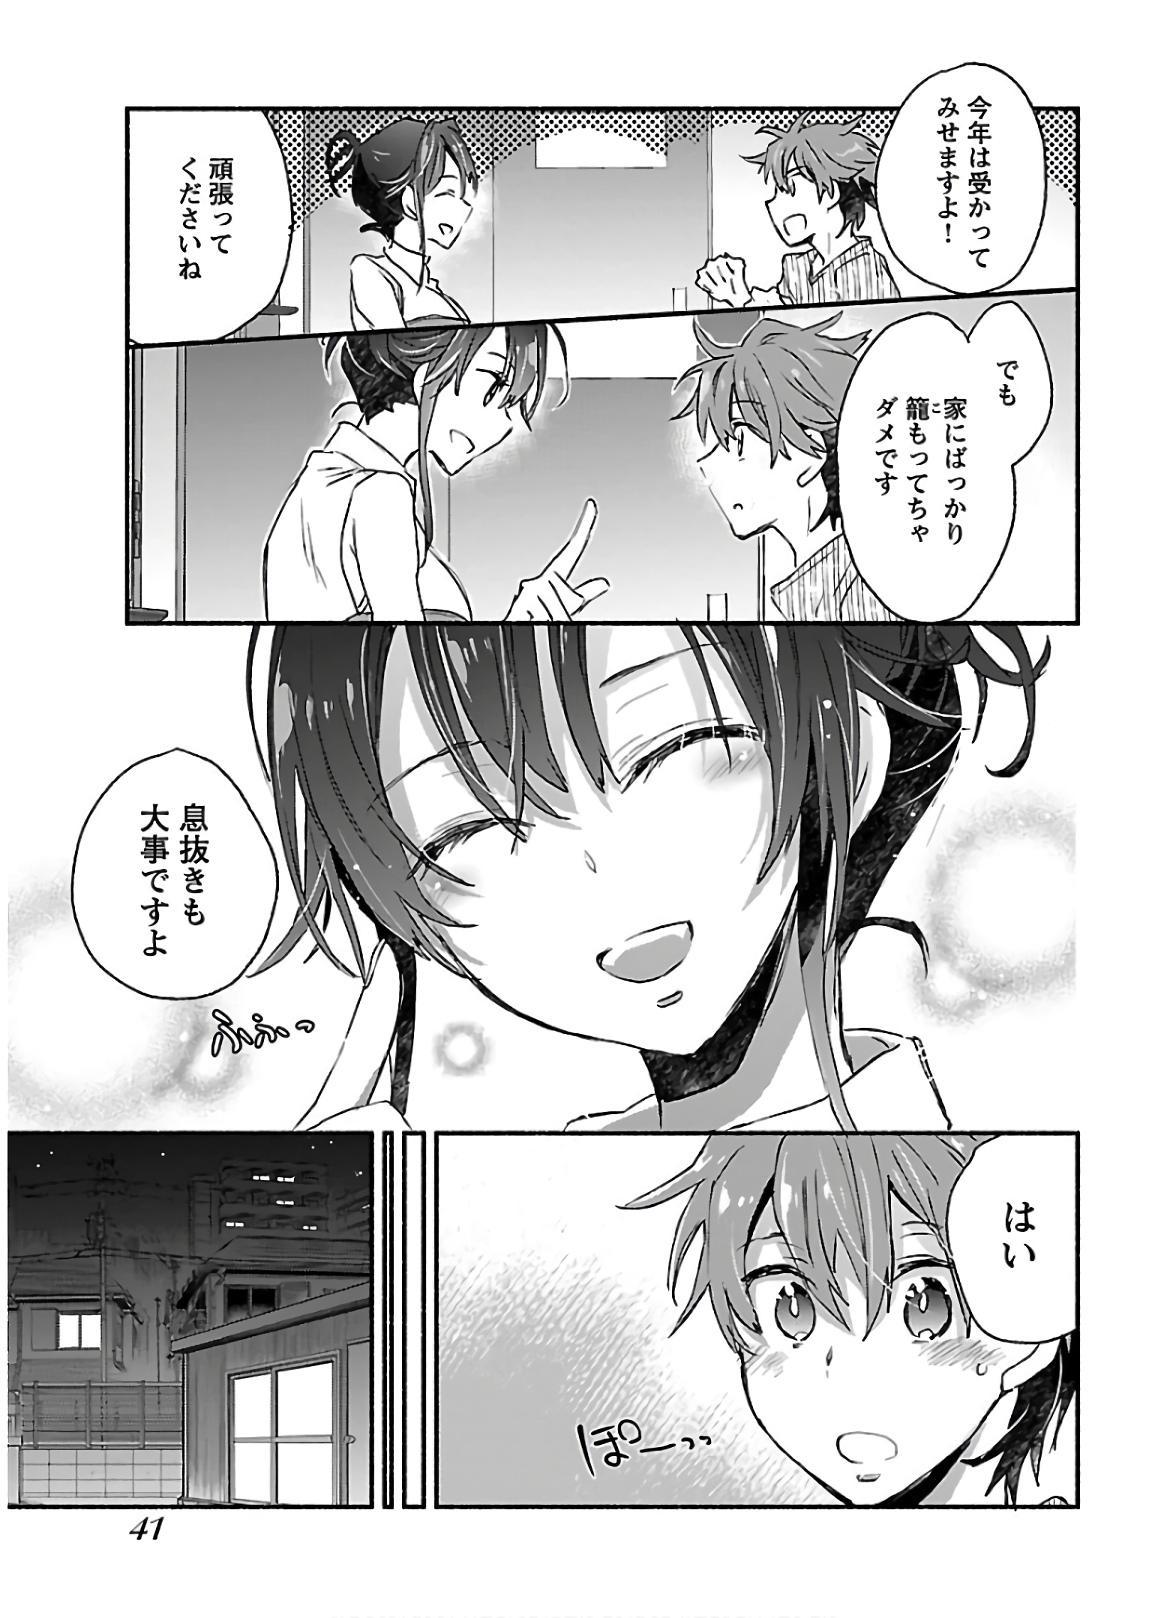 Yankii musume ni natsukarete kotoshi mo juken ni shippai shisou desu  vol.1 42